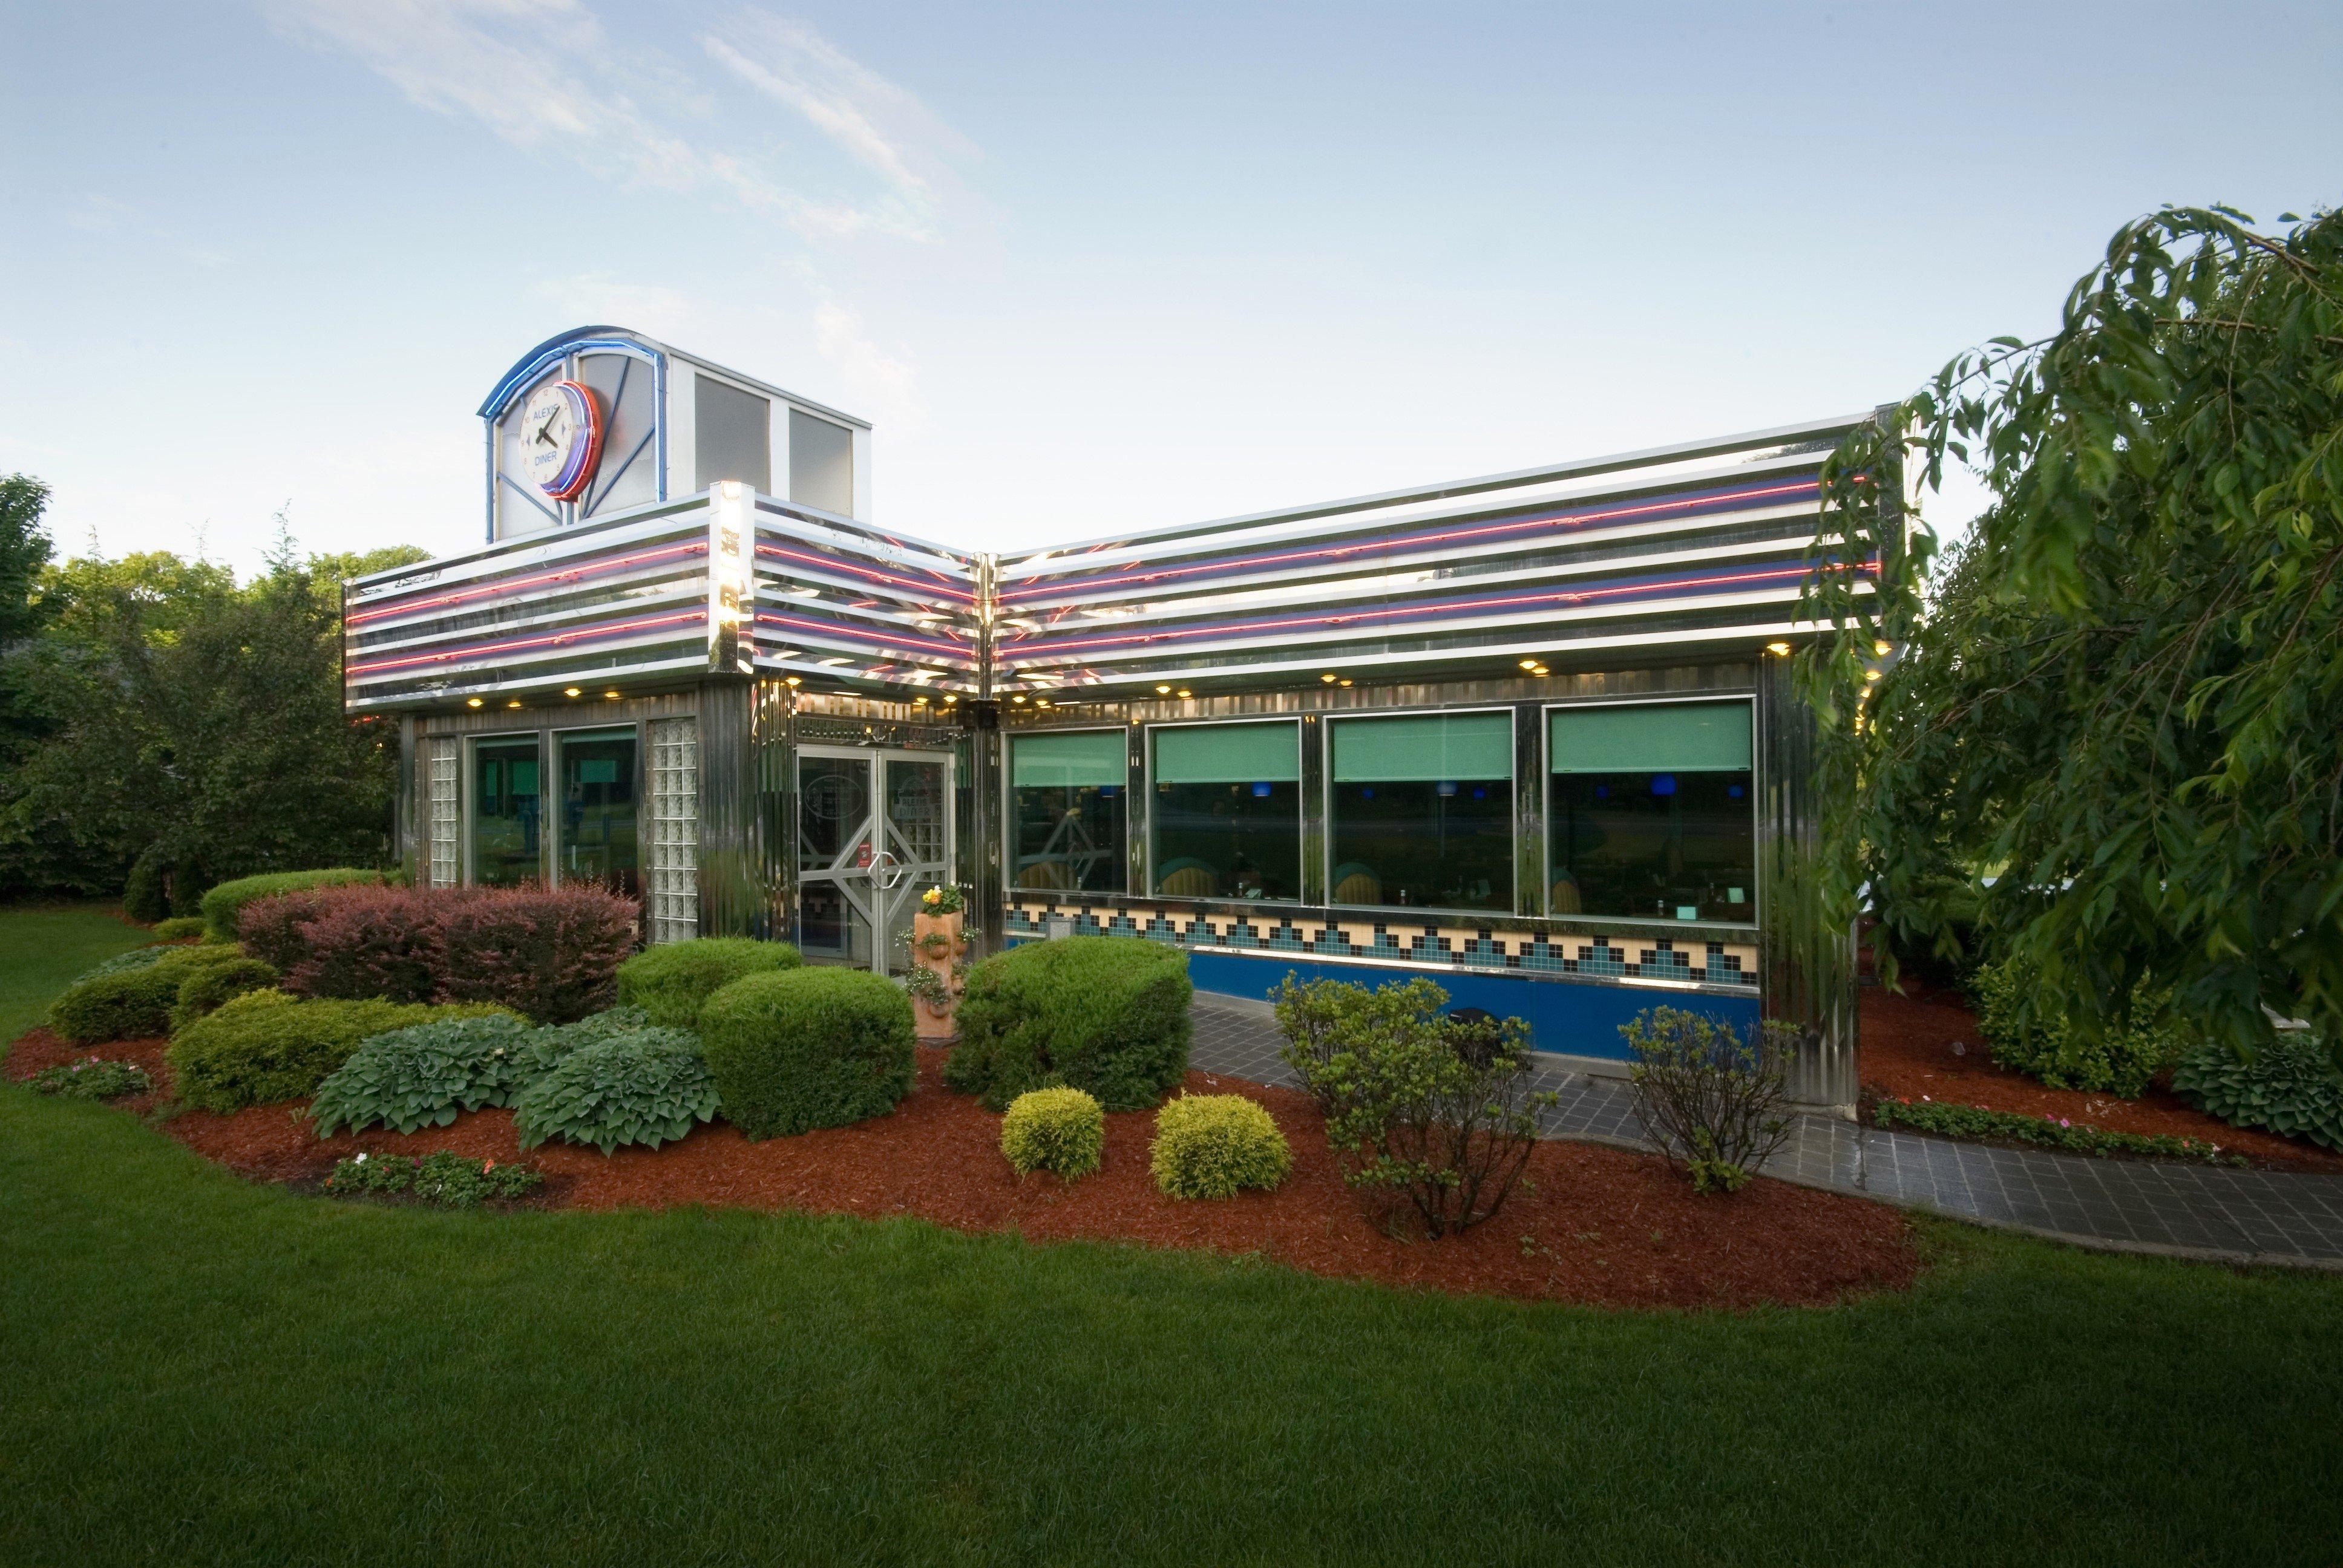 diner food Albany, NY